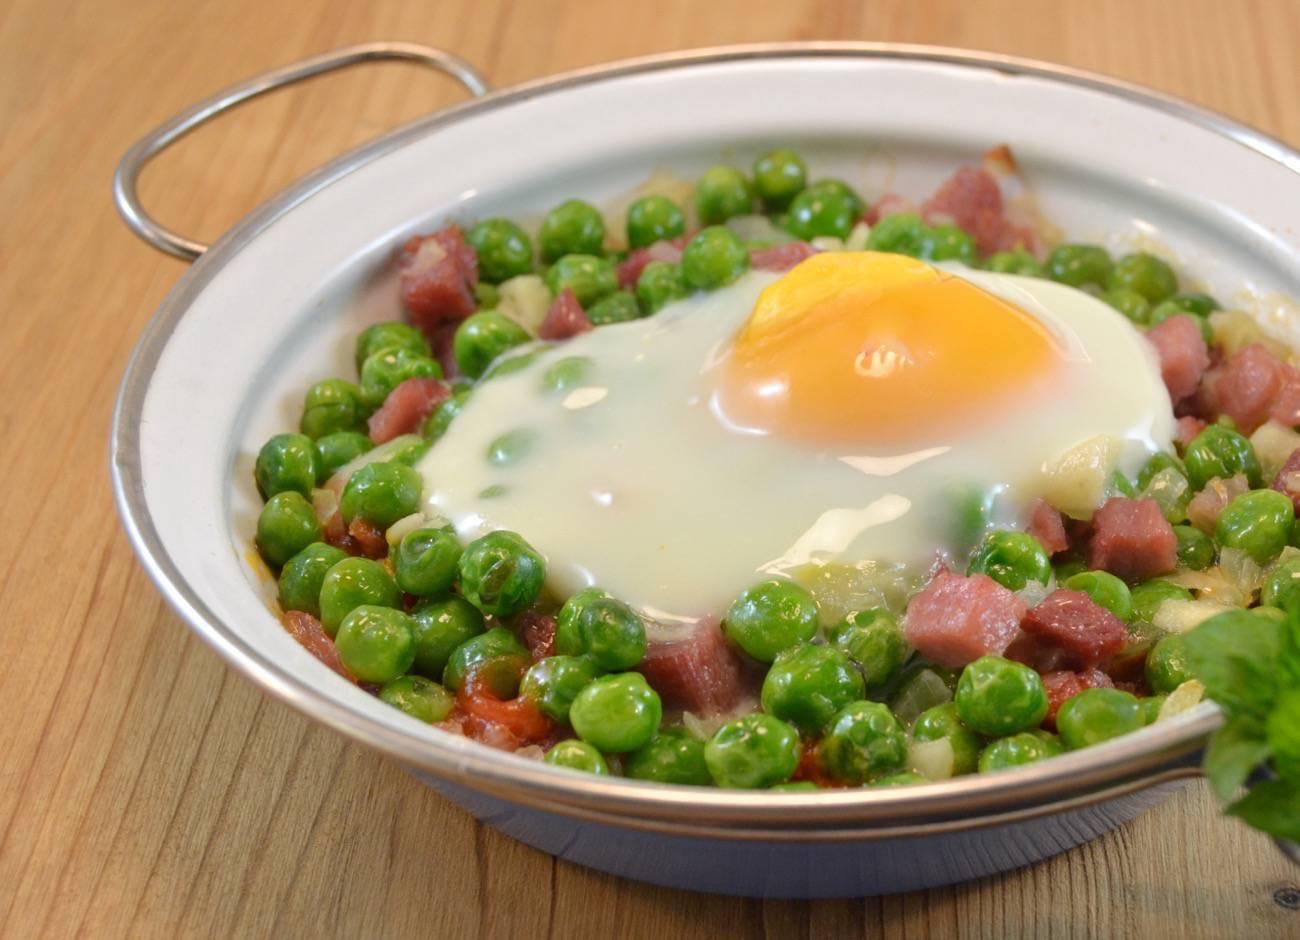 Recetas con conservas de verduras f ciles r pidas y for Platillos rapidos y economicos